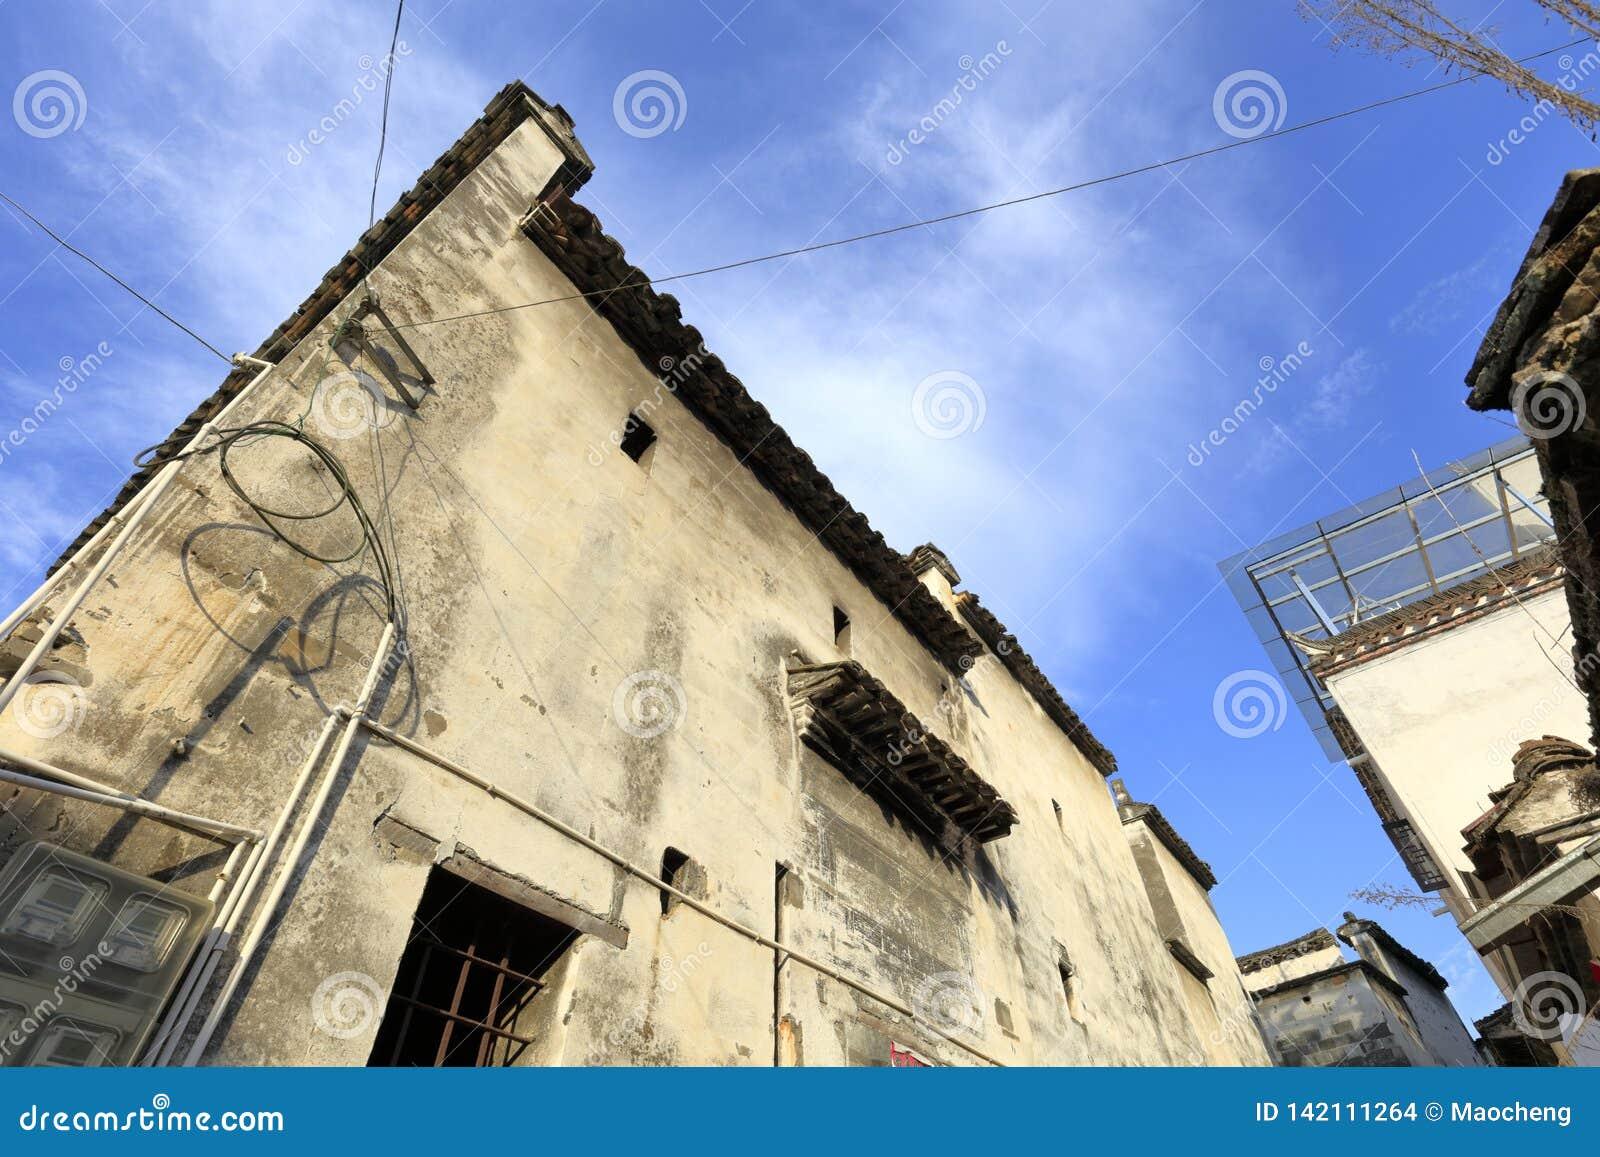 Pequeña ventana del edificio blanco especial tradicional chino del estilo de Anhui, adobe rgb